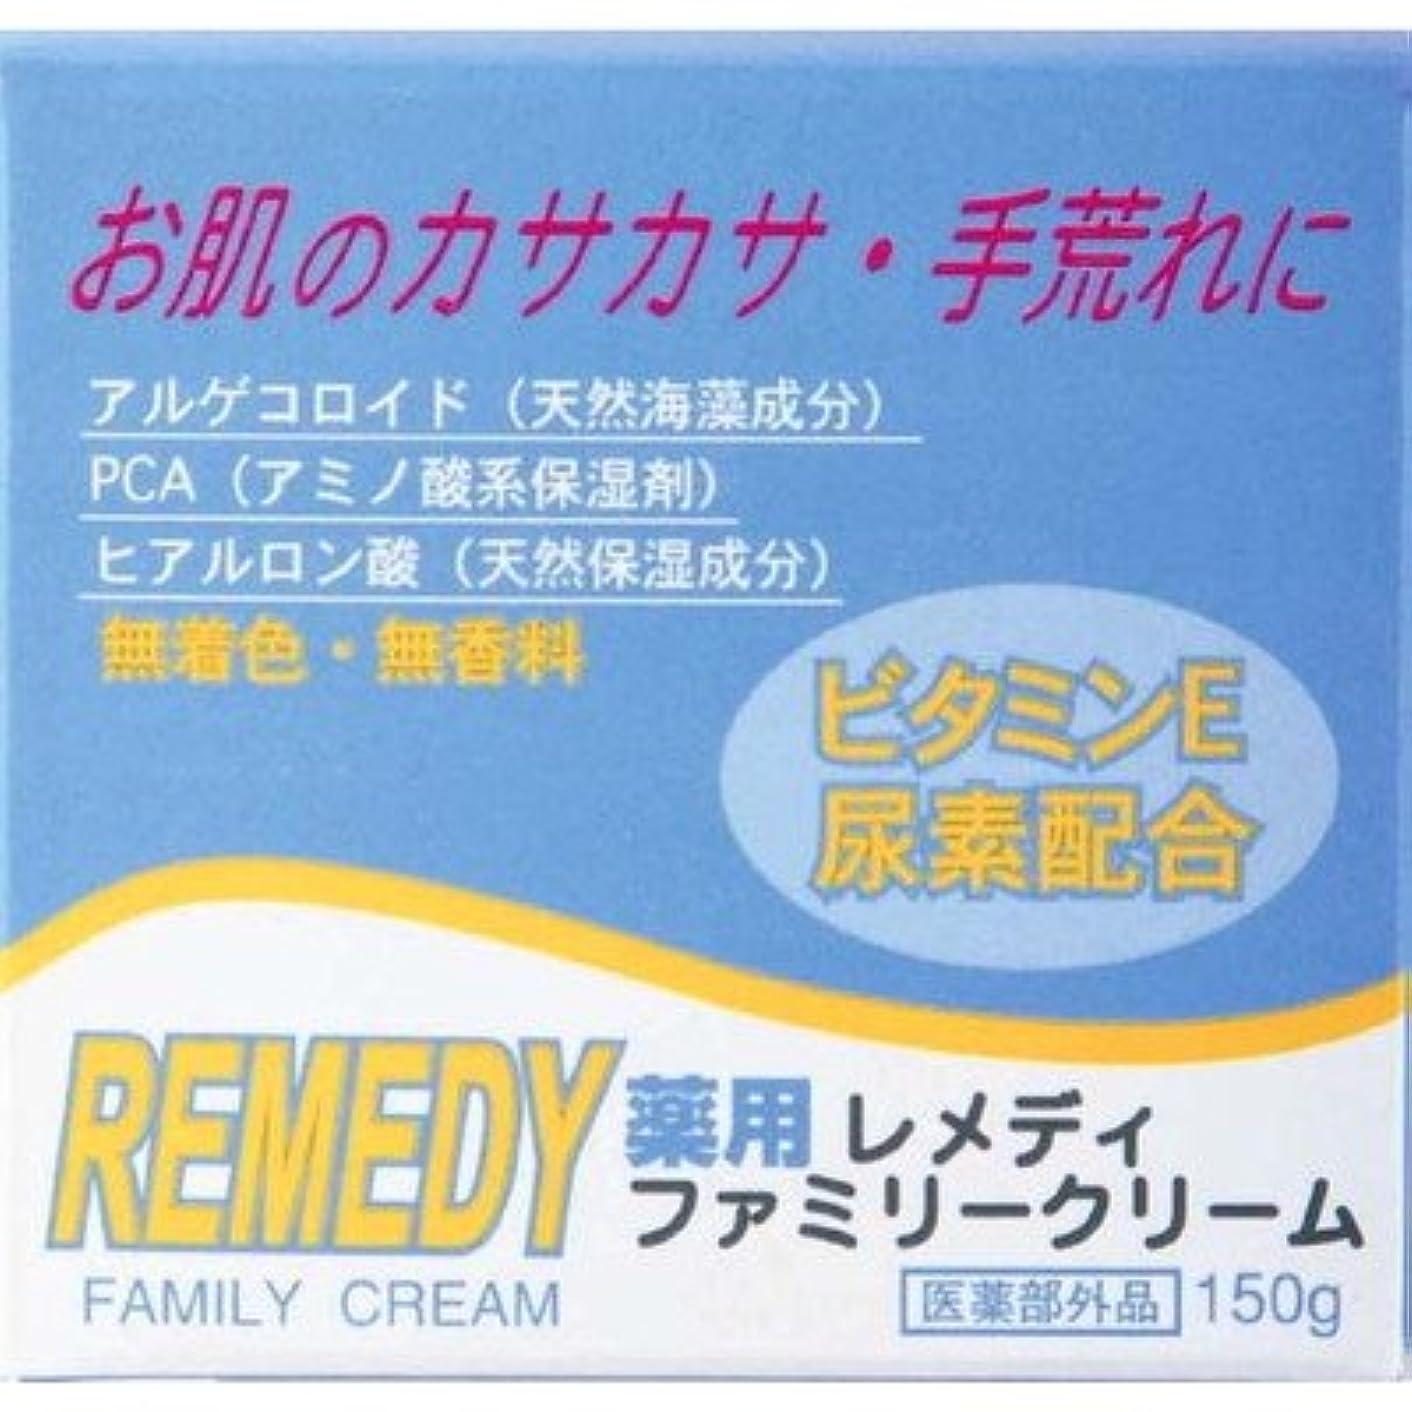 所属戻す不調和【医薬部外品】薬用レメディ ファミリークリーム 150g